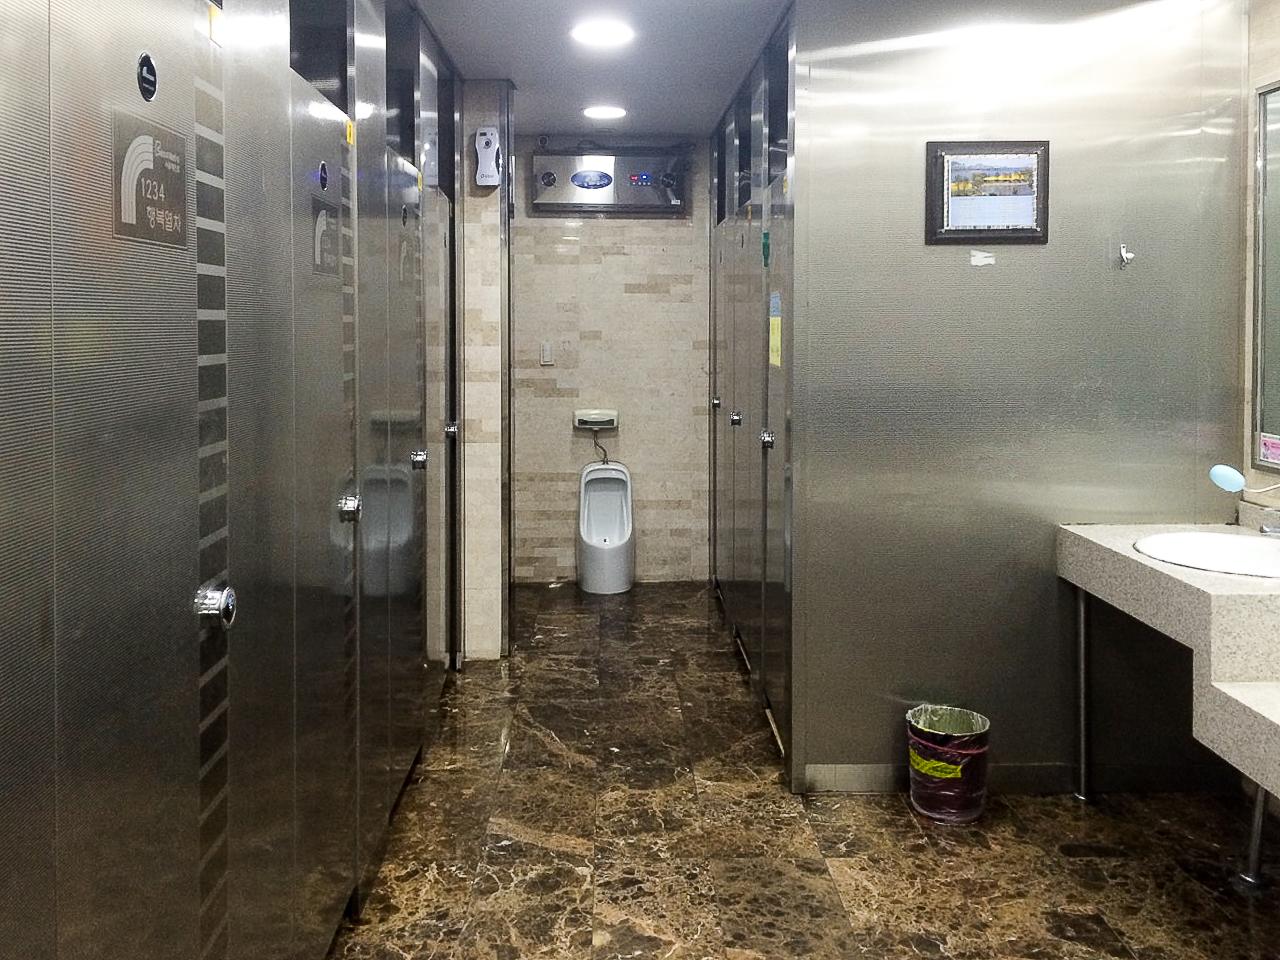 Заметки о Корее: туалет в метро